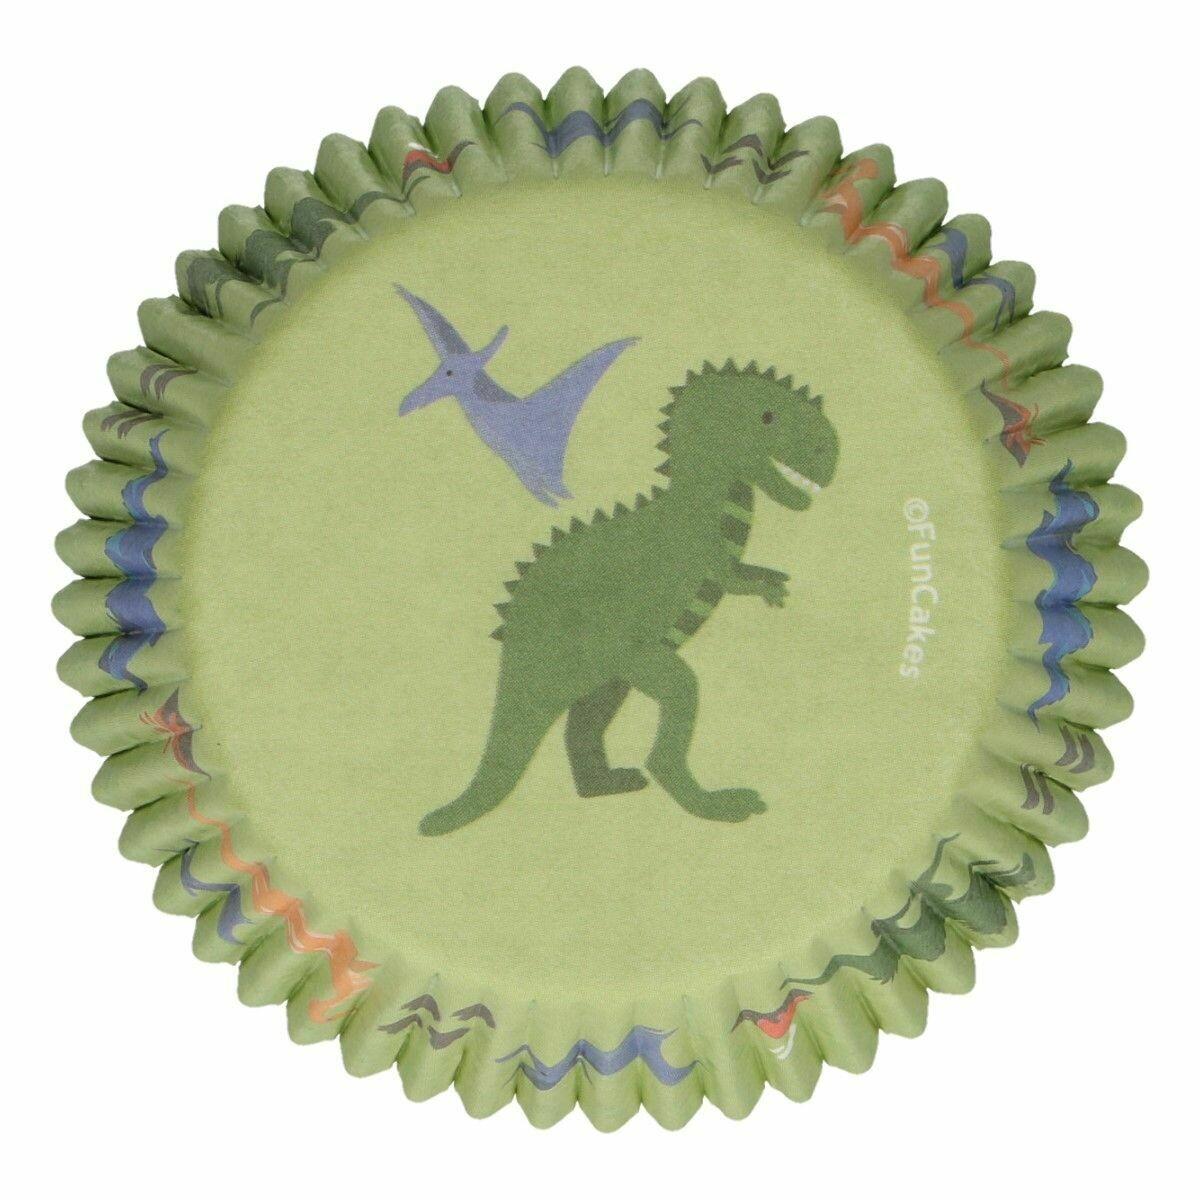 SALE!!! FunCakes Cupcake Cases -DINO -Θήκες Ψησίματος -Δεινόσαυρος -48 τεμ